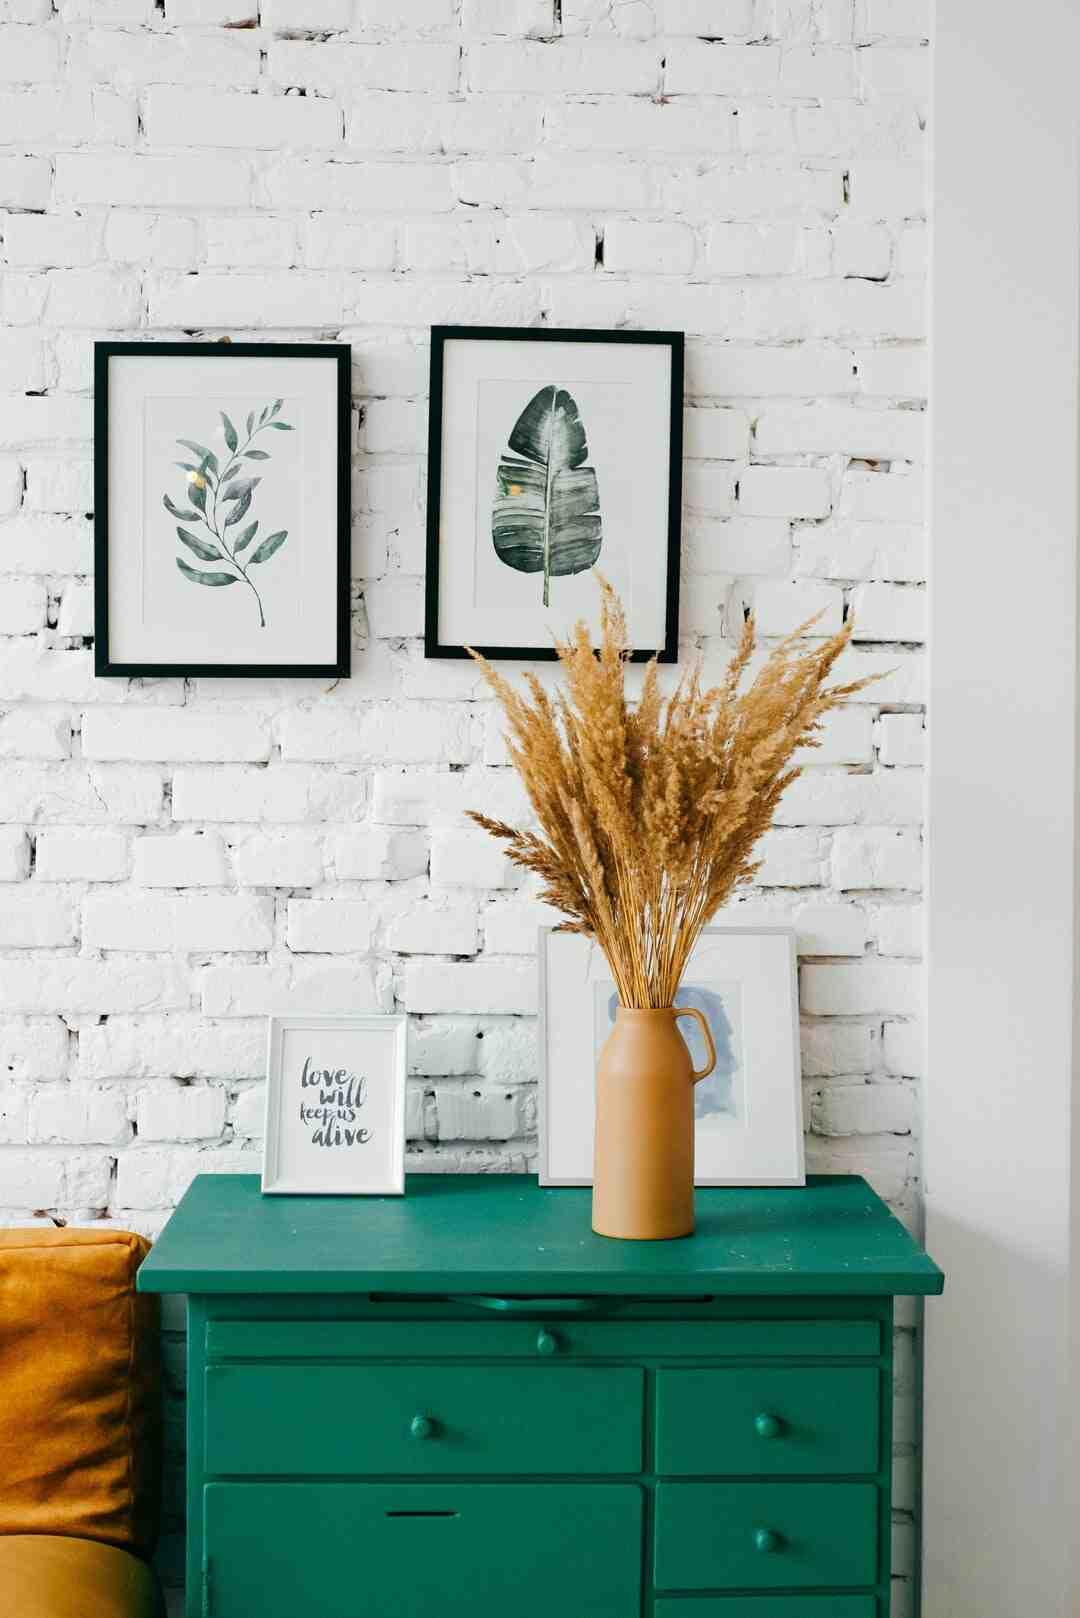 Comment Décirer un meuble sans Décireur ?